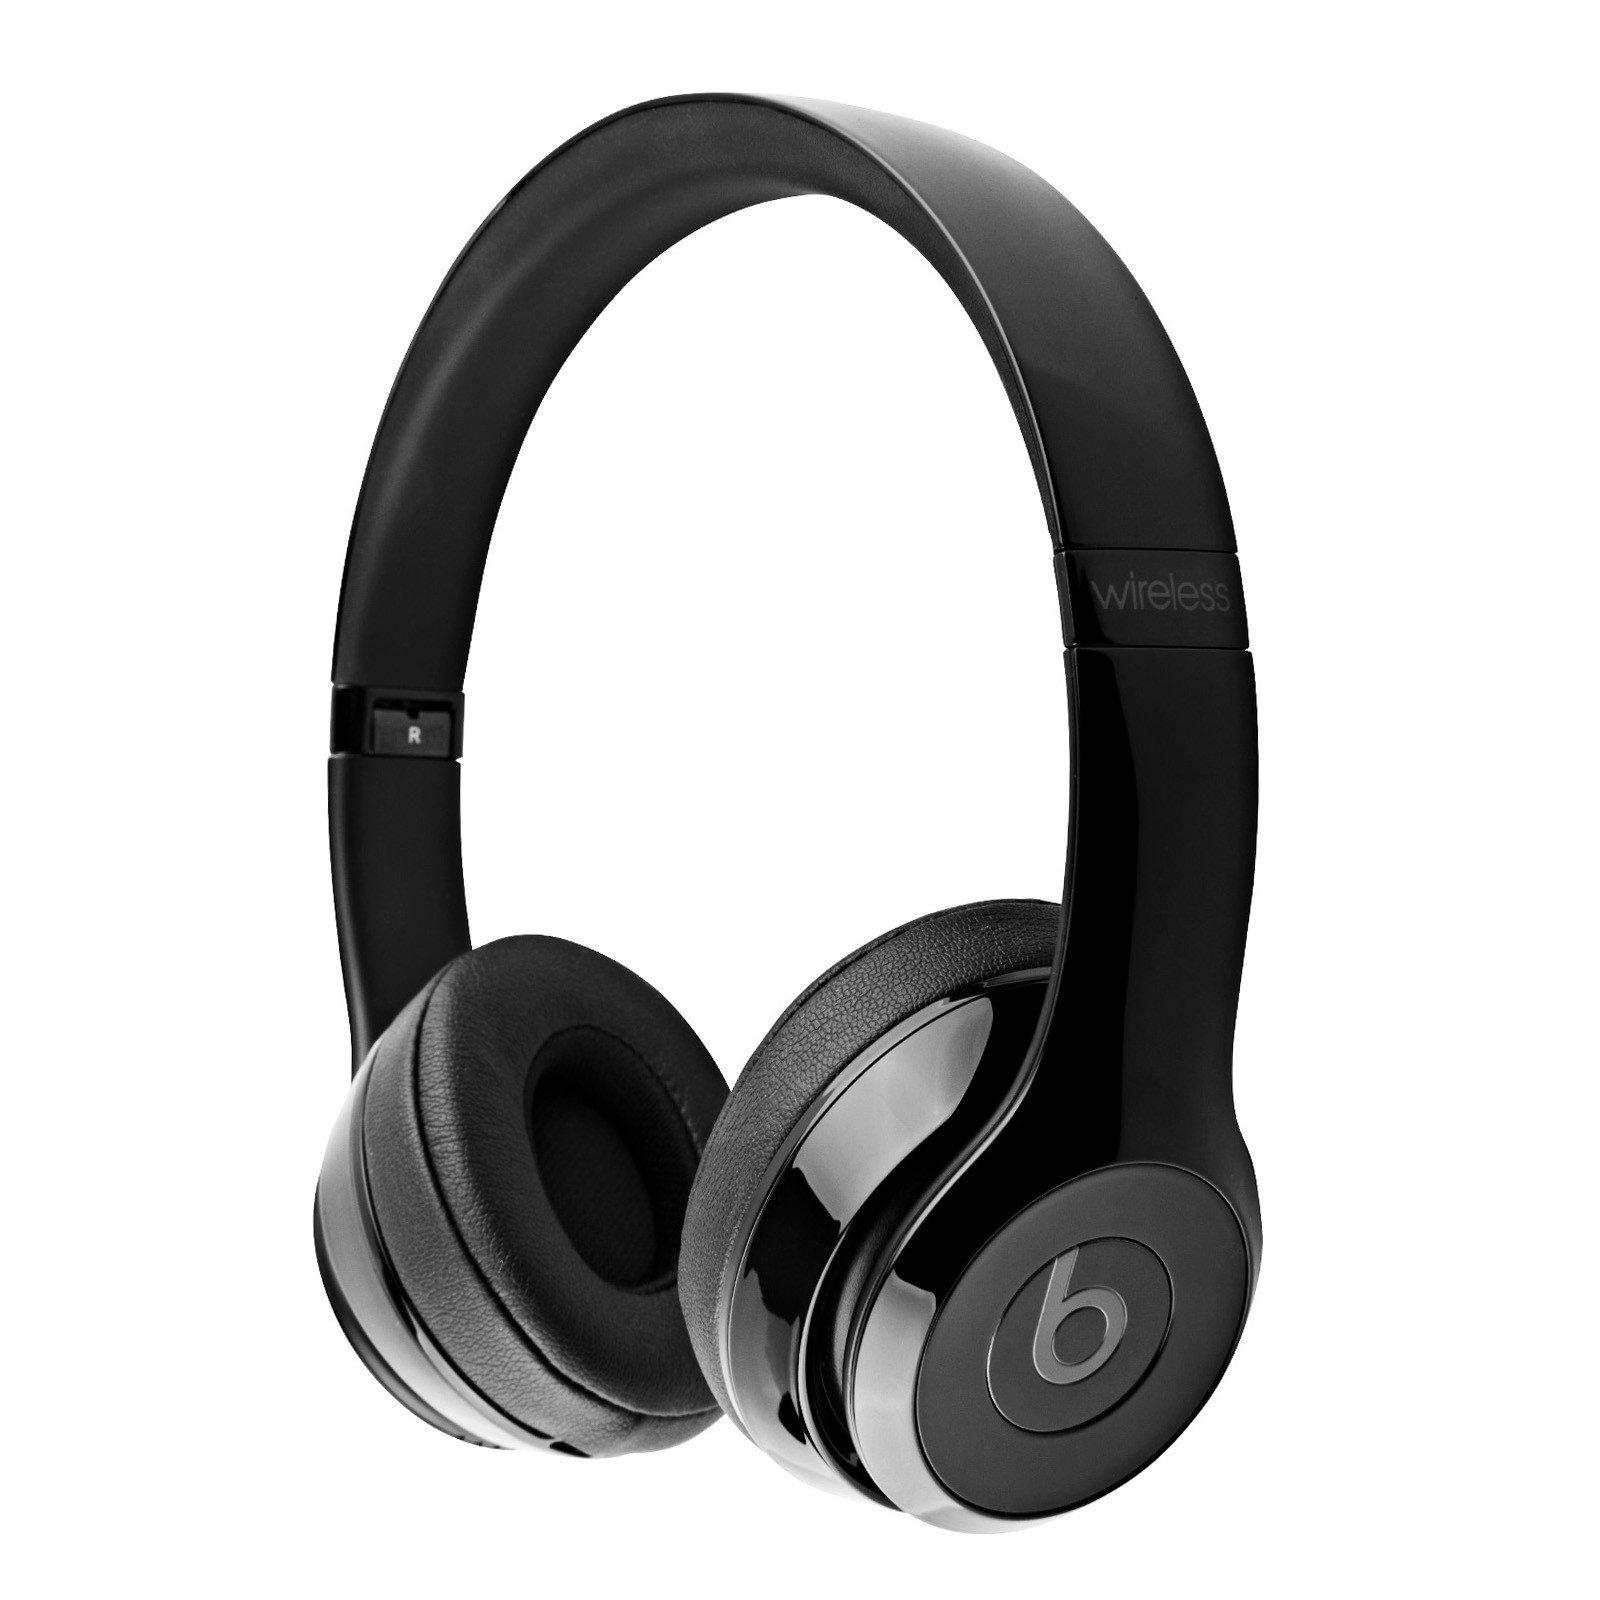 Beats Solo Wireless Ear Headphones